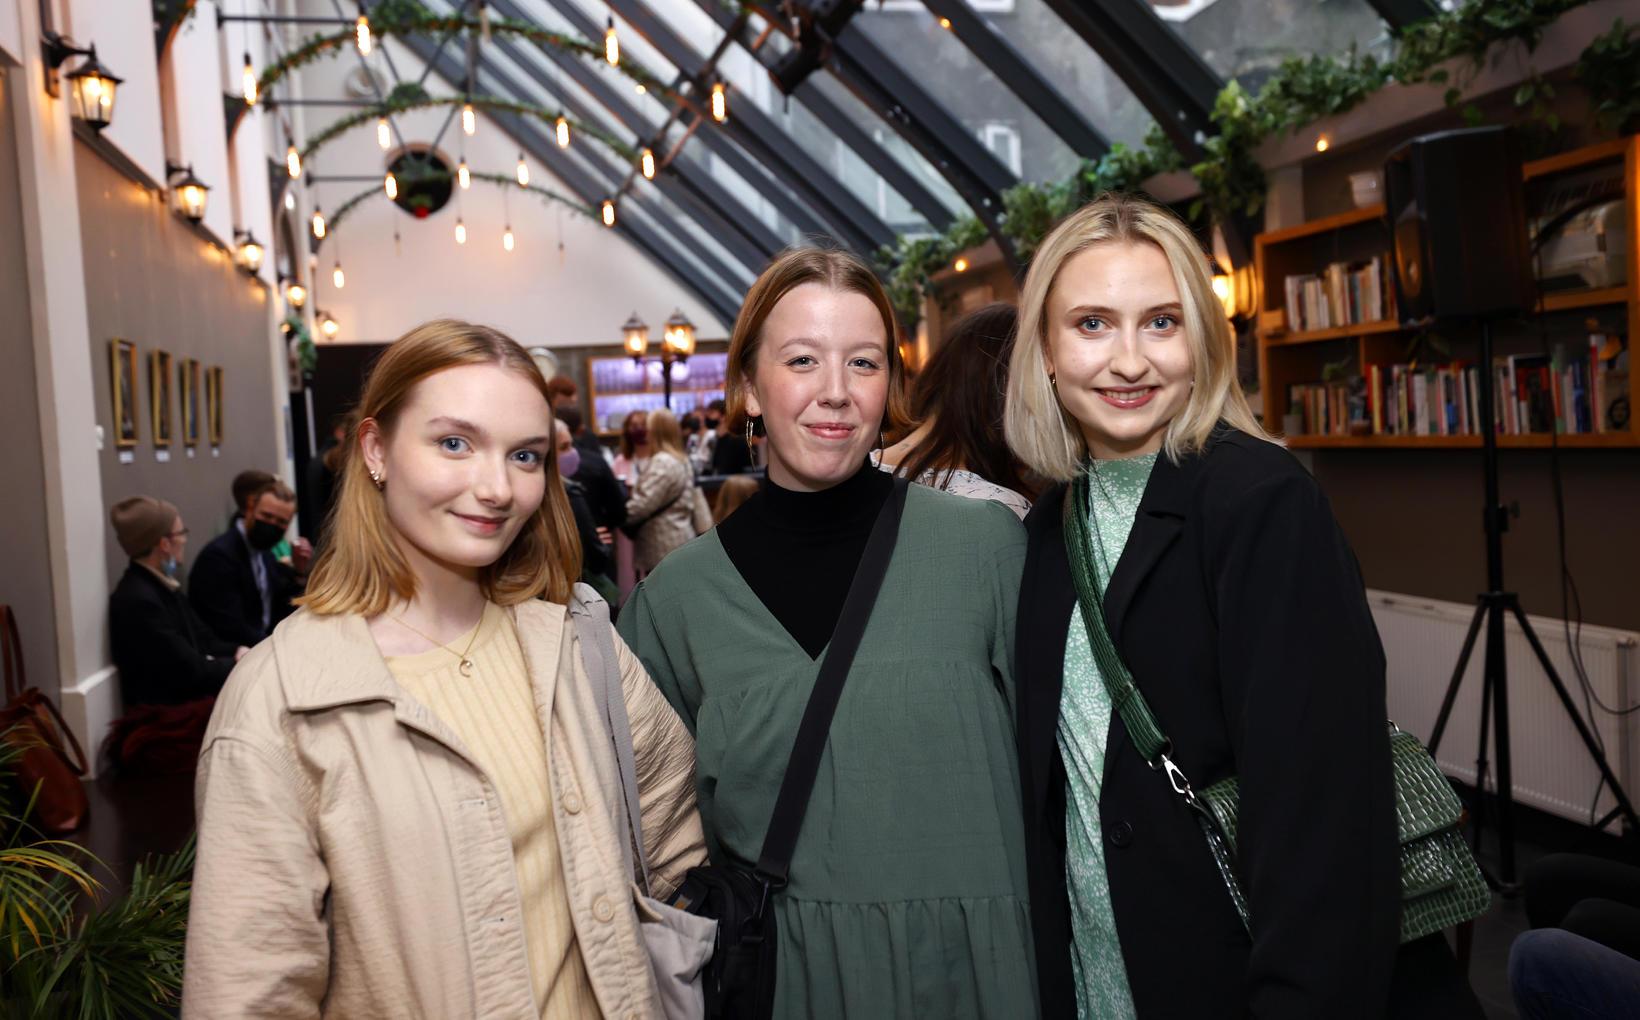 Ása Diljá Pétursdóttir, Júlía Karín Kjartansdóttir og Birta Hannesdóttir.